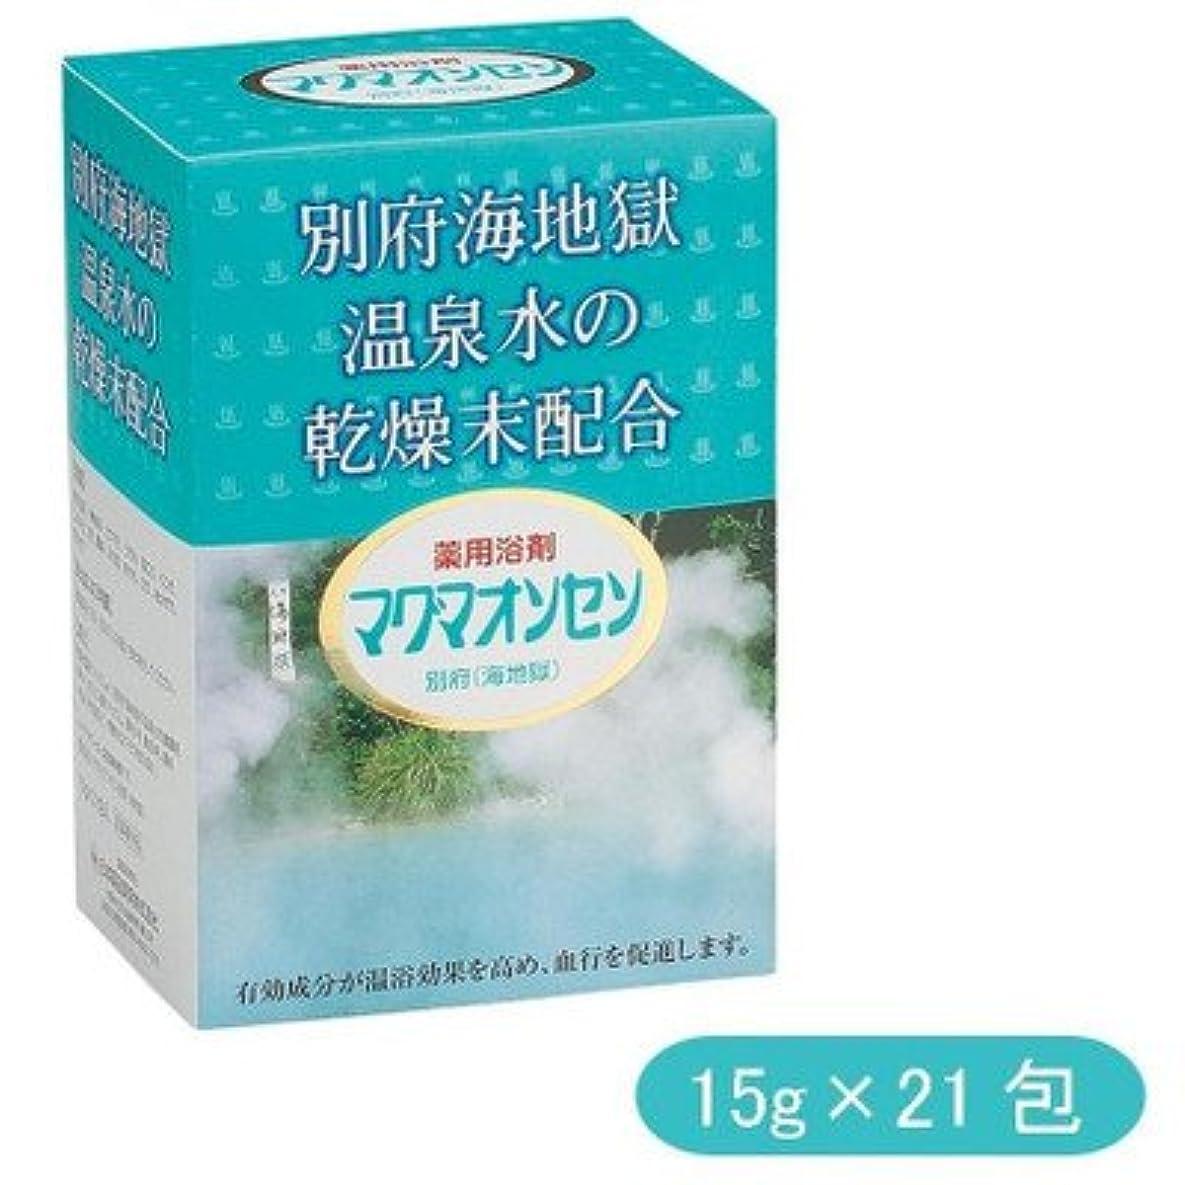 礼拝観客一生日本薬品開発 医薬部外品 薬用入浴剤 マグマオンセン 15g×21P 800770